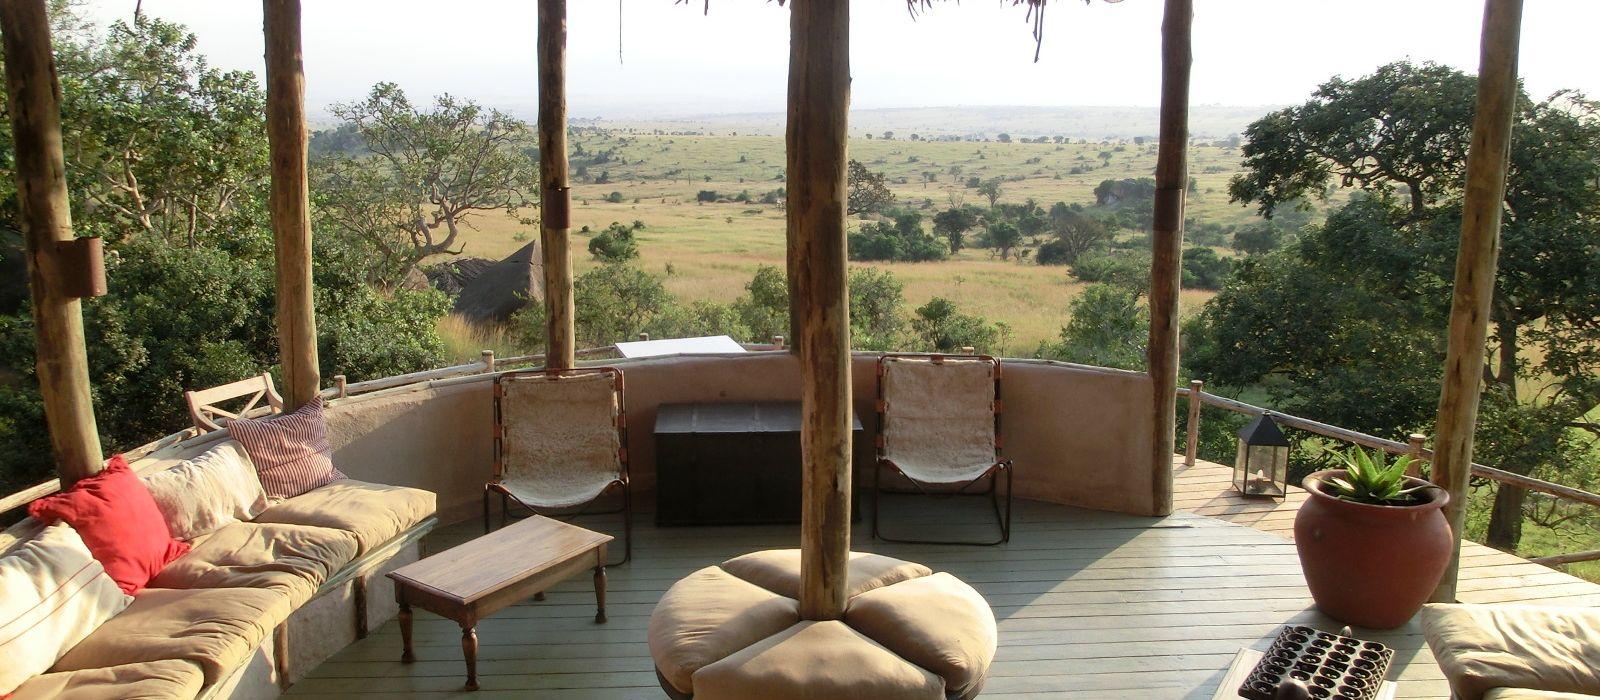 Hotel Lamai Serengeti Private Camp Tansania